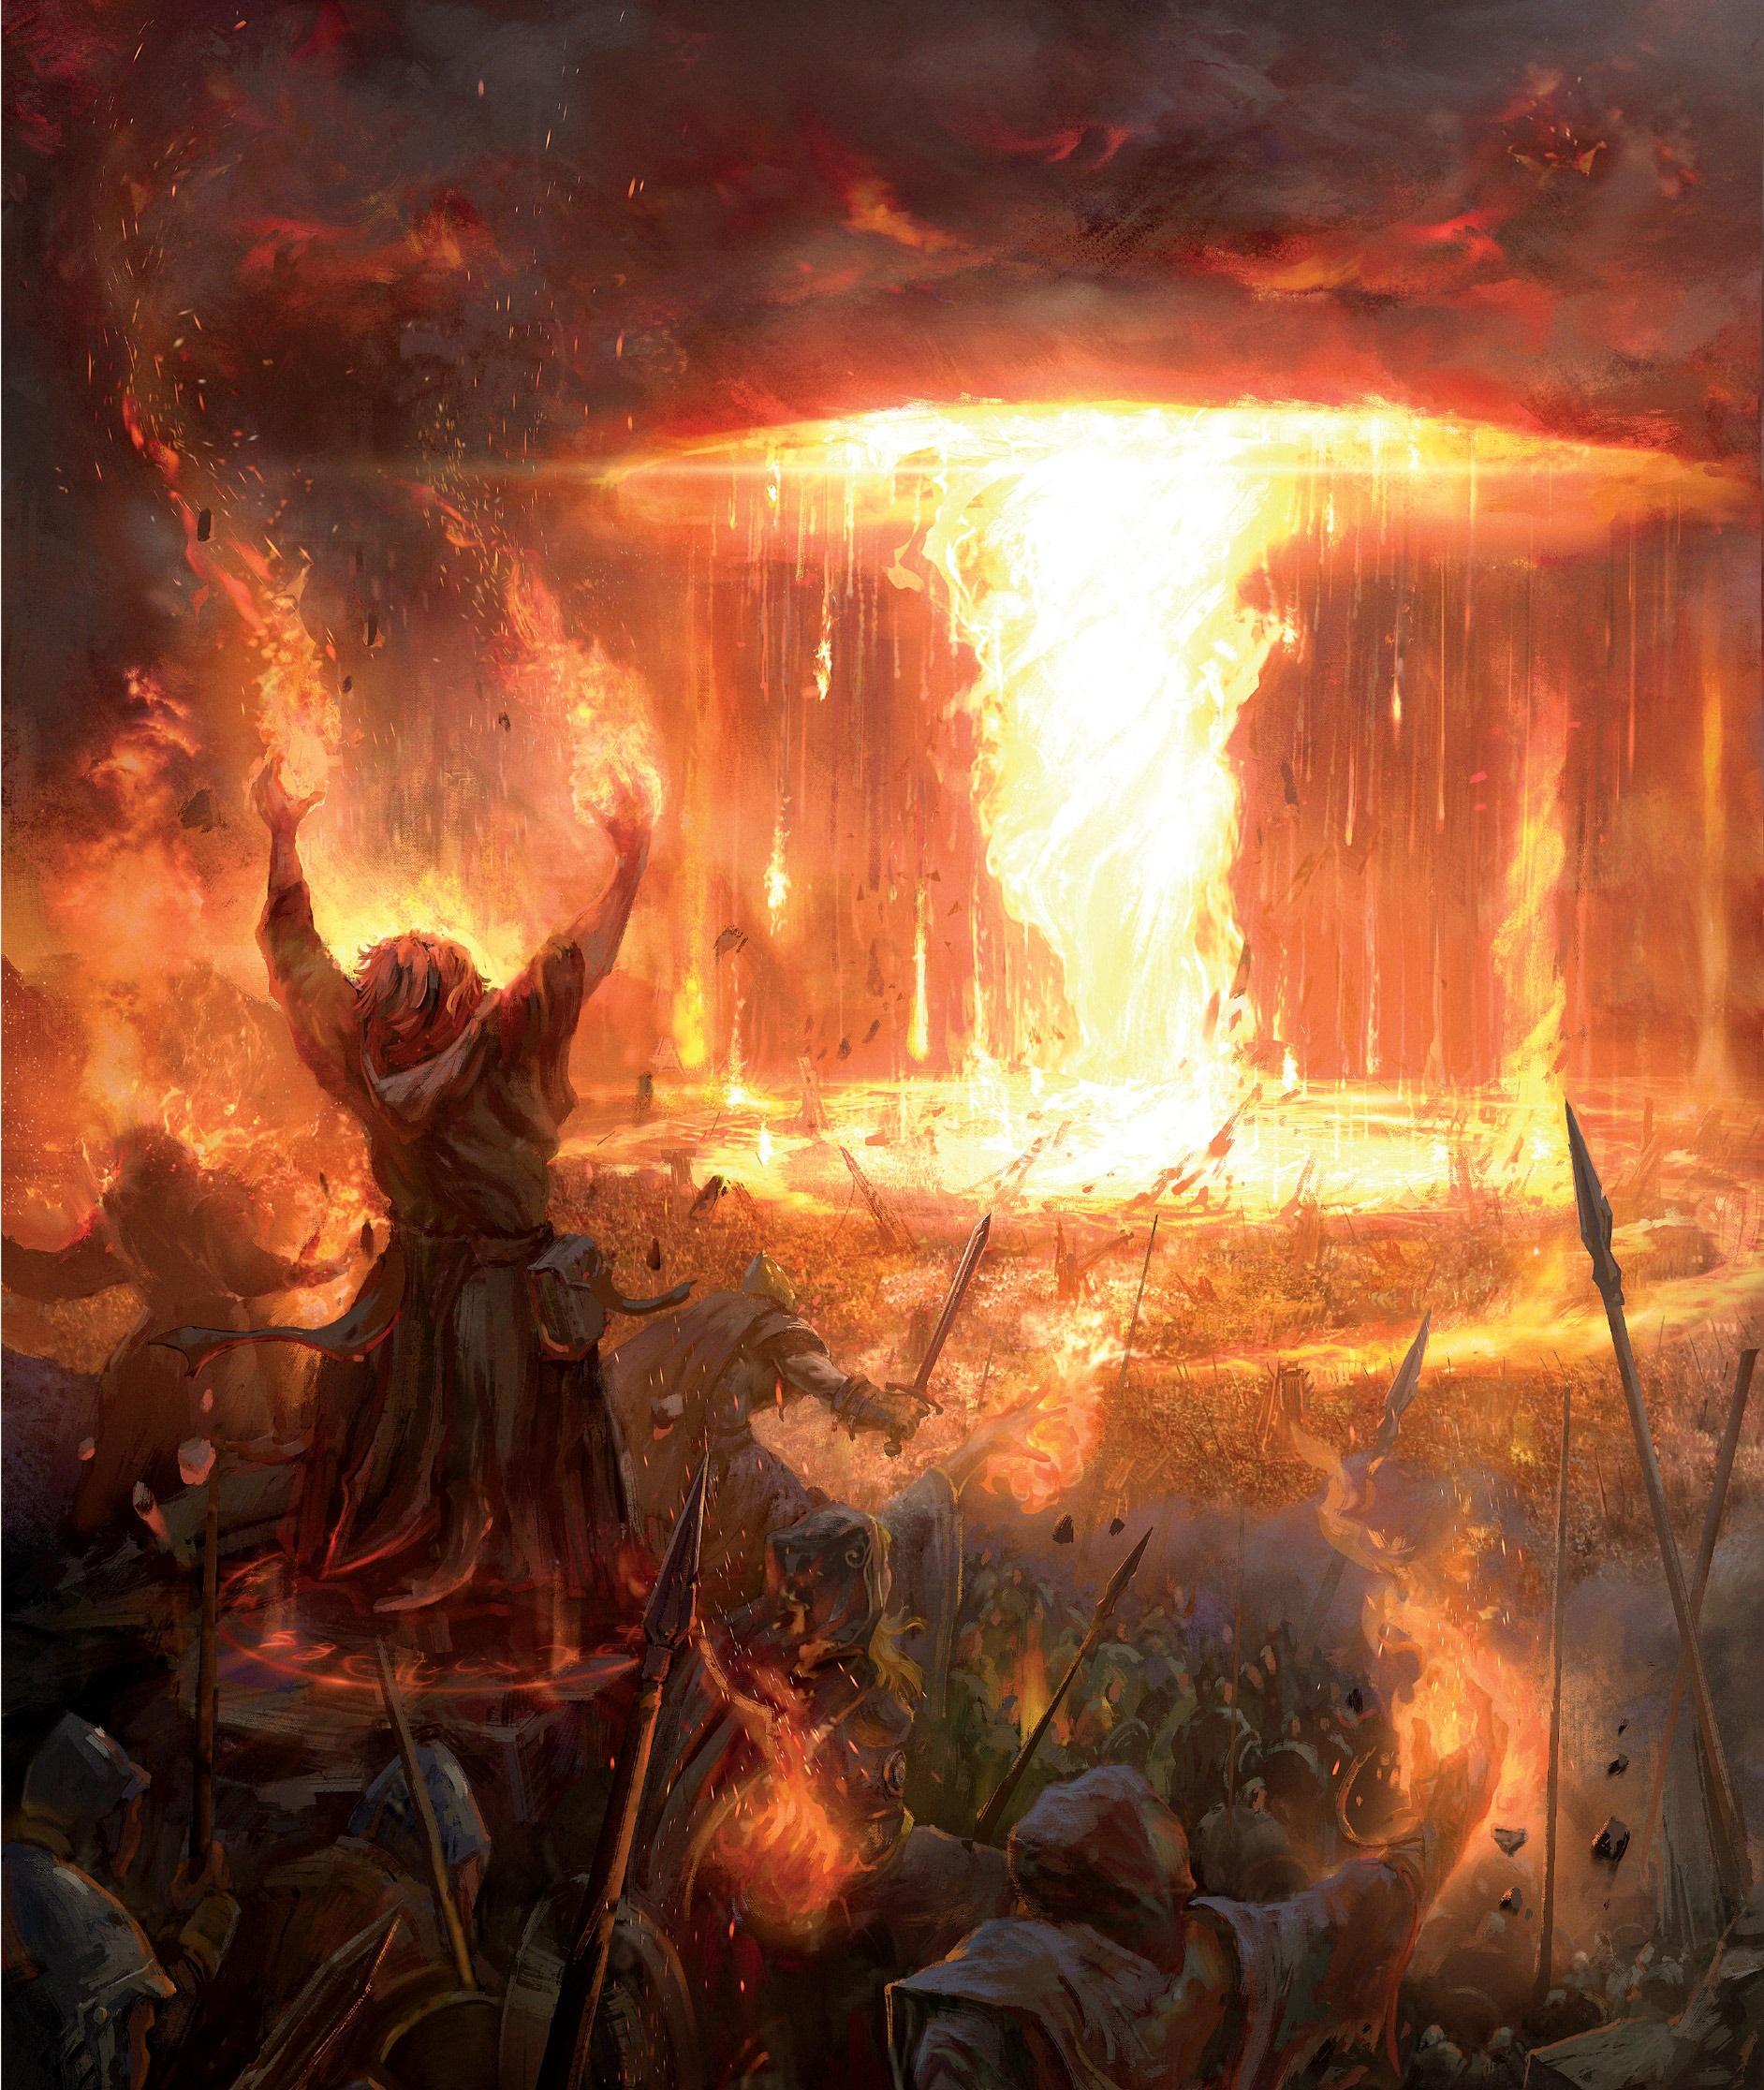 İnsan büyücülerin bir araya gelerek gerçekleştirdikleri saldırı